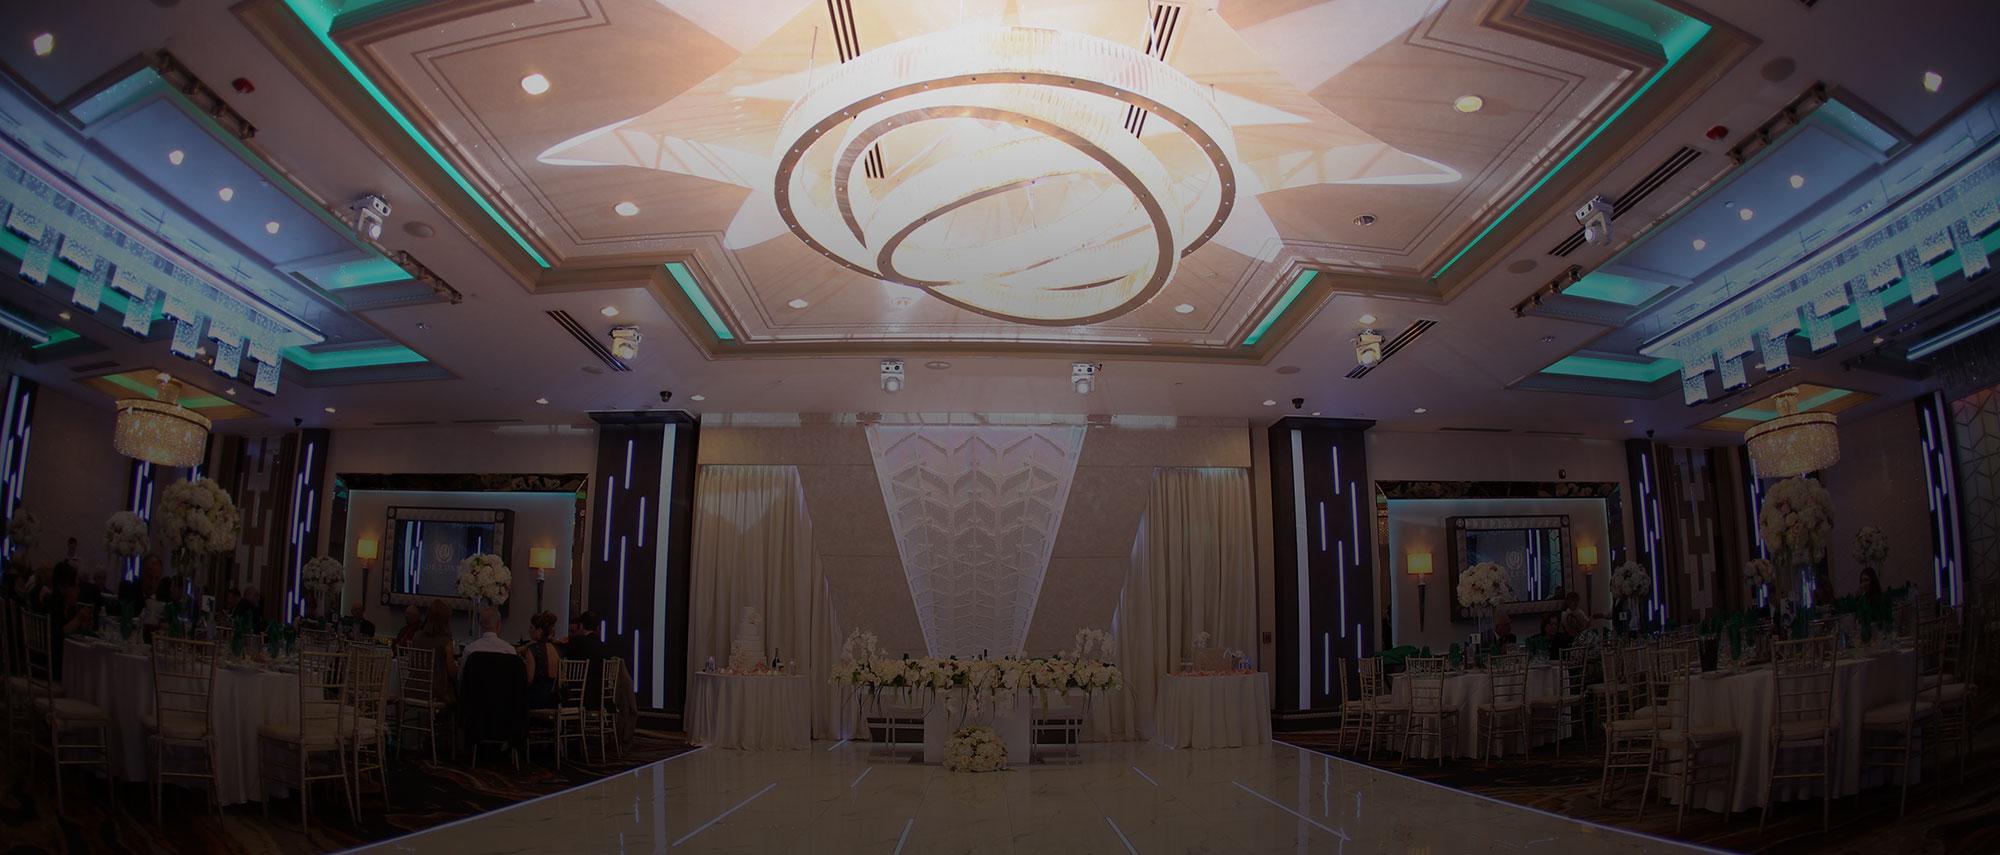 De Luxe Ballroom Venue